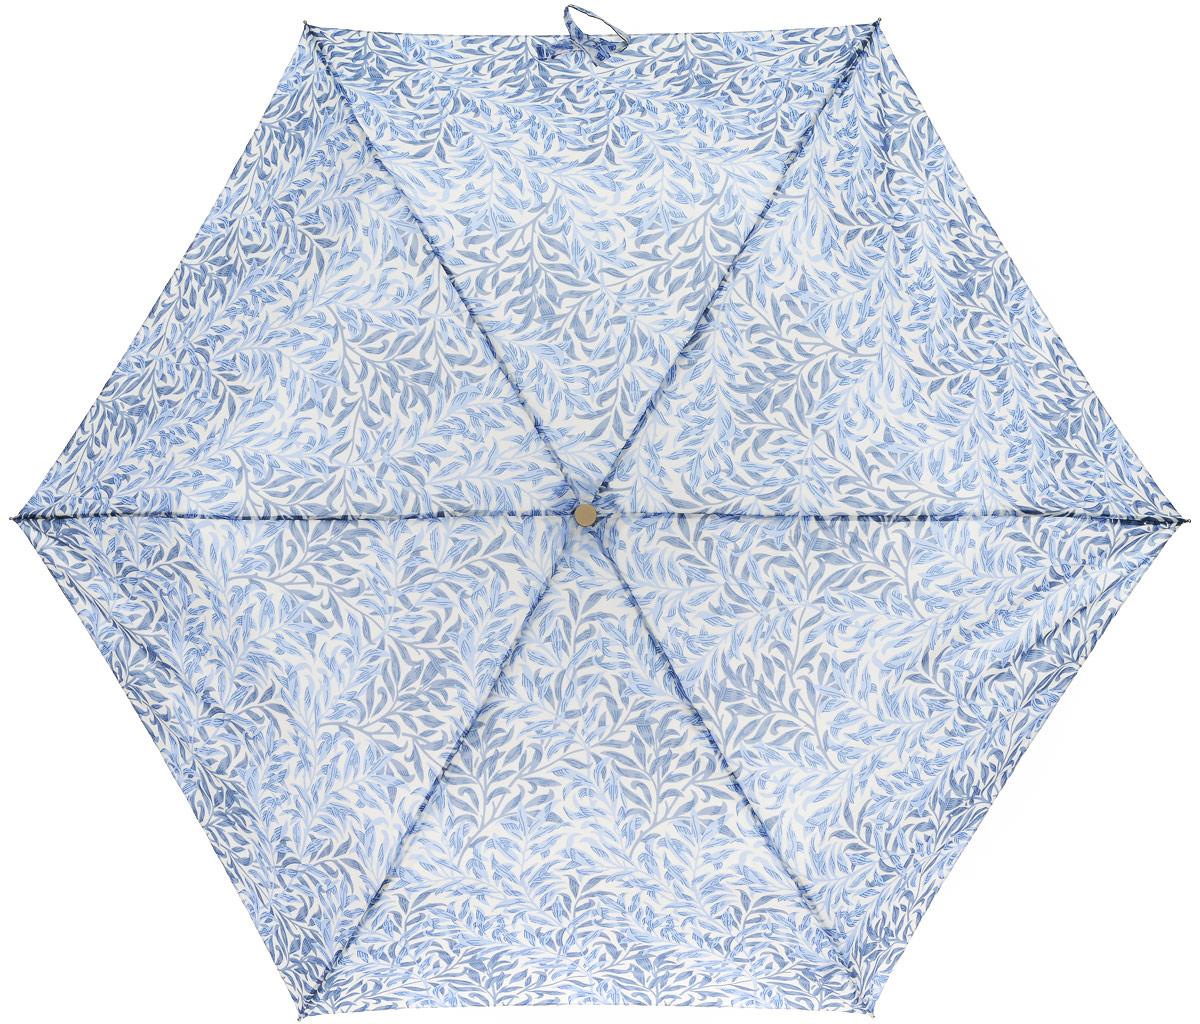 Зонт женский Morris & Co Superslim, механический, 3 сложения, цвет: белый, голубой. L714-1603L714-1603 WillowboughMinorСтильный механический зонт Morris & Co Superslim в 3 сложения даже в ненастную погоду позволит вам оставаться элегантной. Облегченный каркас зонта выполнен из 6 спиц из фибергласса и алюминия, стержень также изготовлен из алюминия, удобная рукоятка - из пластика. Купол зонта выполнен из прочного полиэстера. В закрытом виде застегивается хлястиком на кнопке. Яркий оригинальный принт в виде изображения листиков поднимет настроение в дождливый день. Зонт механического сложения: купол открывается и закрывается вручную до характерного щелчка. На рукоятке для удобства есть небольшой шнурок, позволяющий надеть зонт на руку тогда, когда это будет необходимо. К зонту прилагается чехол который дополнительно застегивается на липучку. Чехол оформлен небольшой нашивкой с названием бренда. Такой зонт компактно располагается в кармане, сумочке, дверке автомобиля.